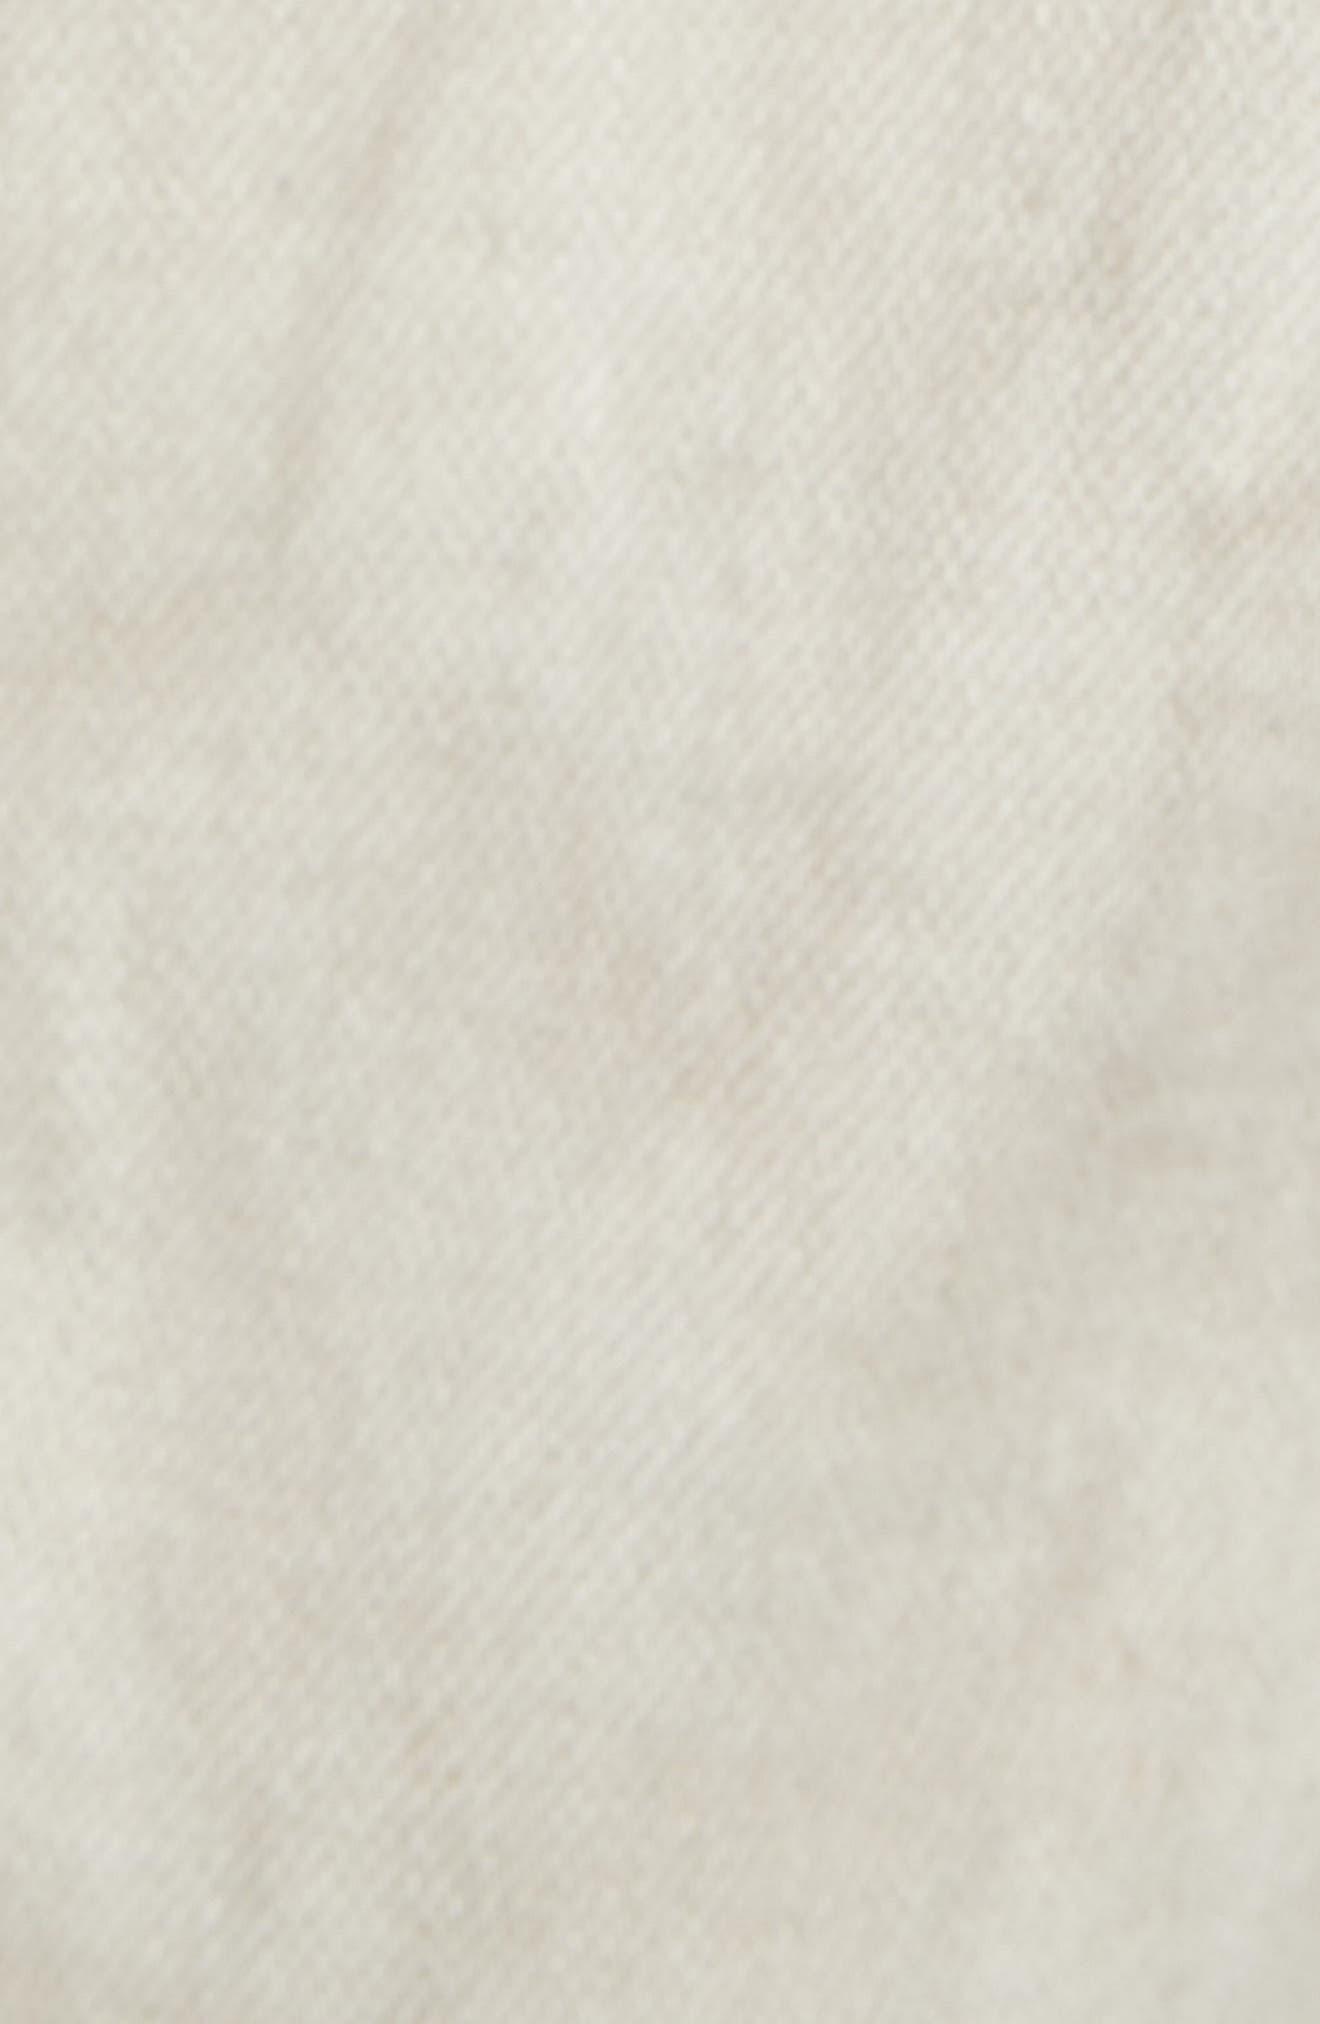 Vaughn Biker Skinny Fit Jeans,                             Alternate thumbnail 5, color,                             250